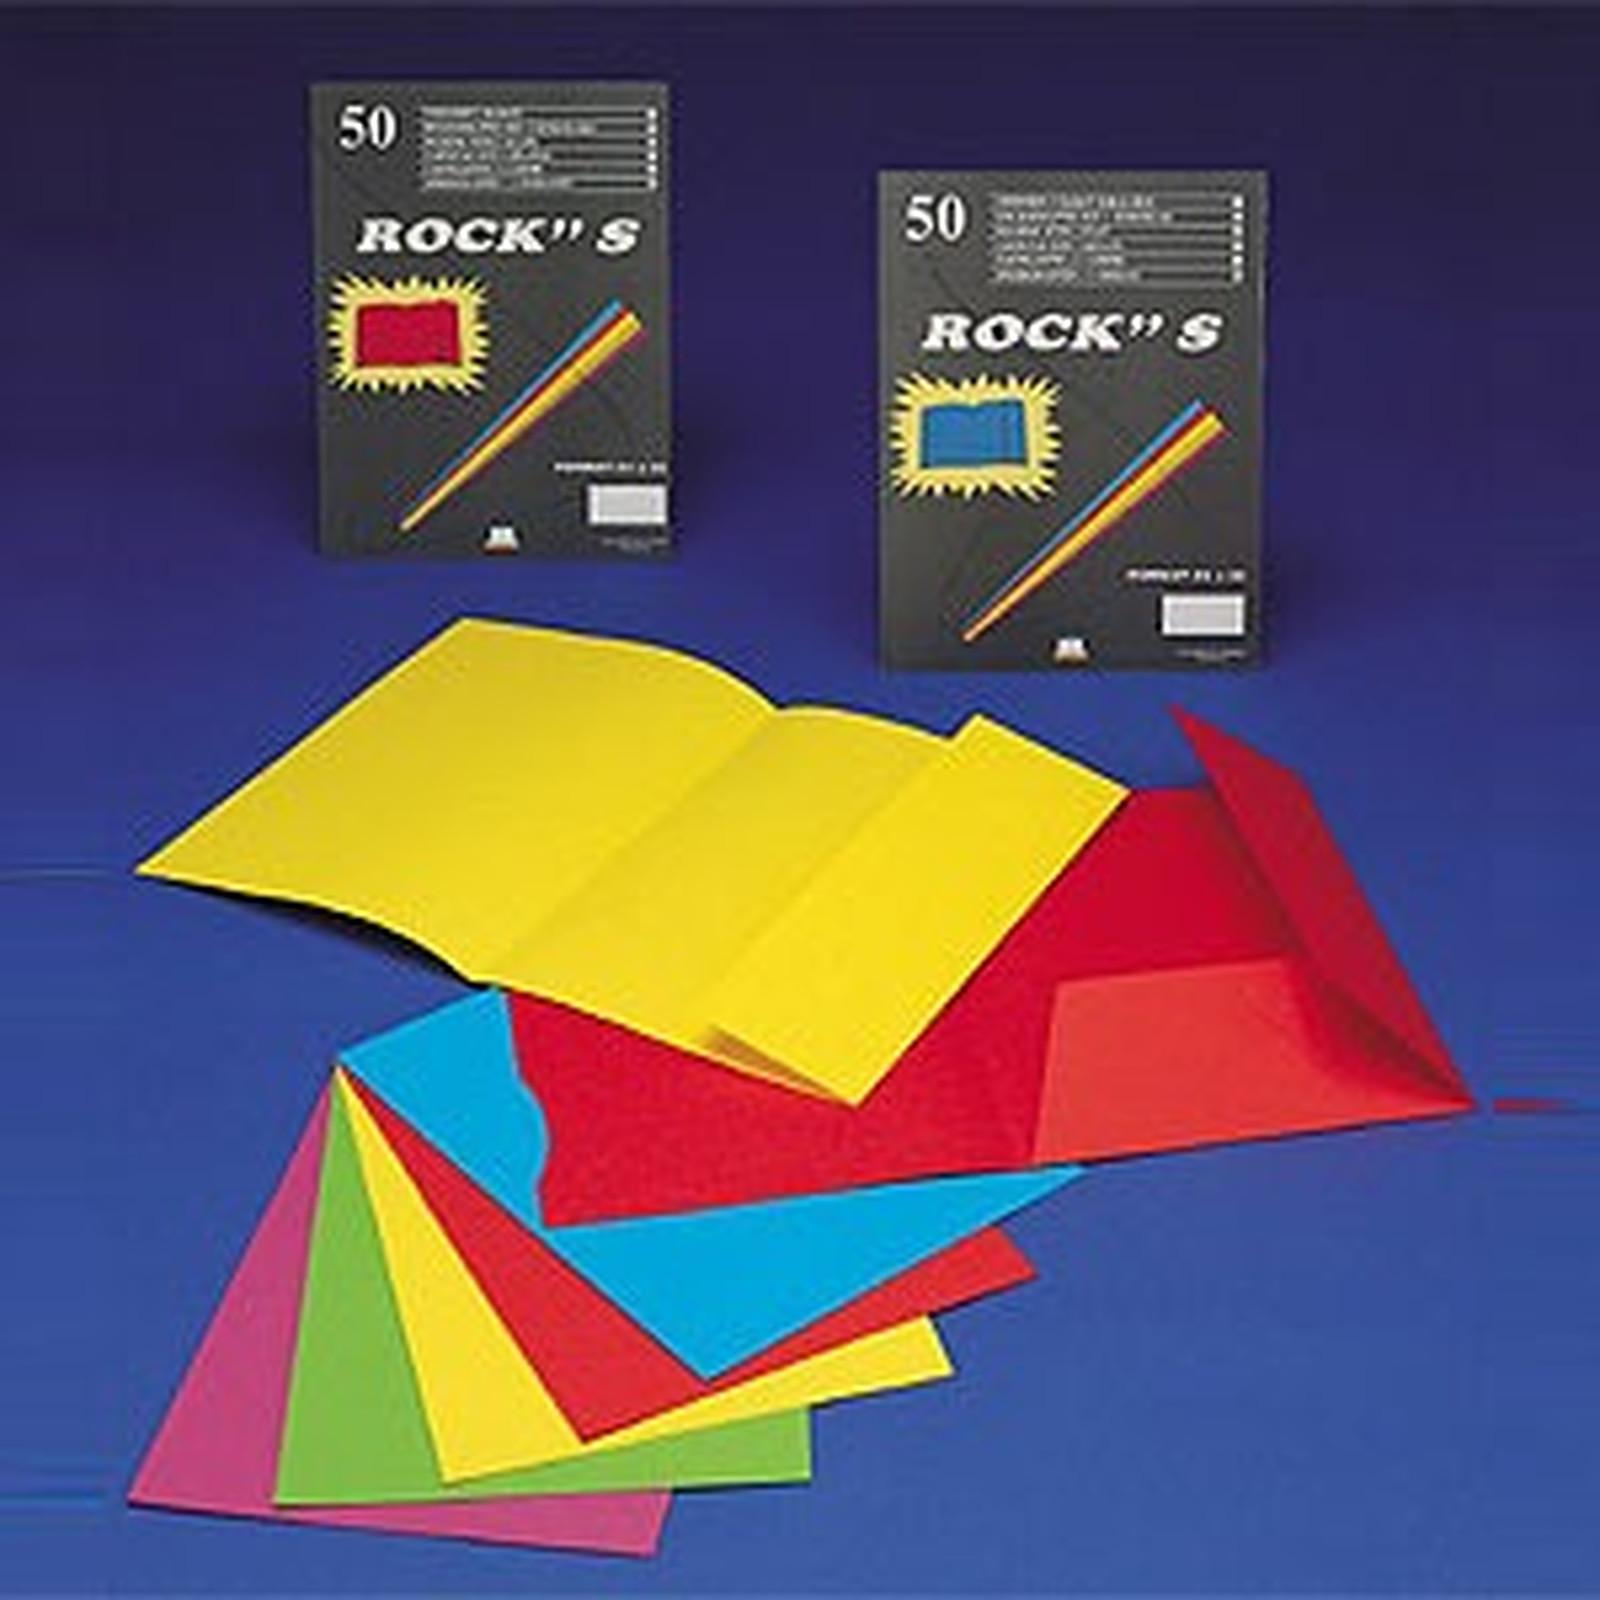 Rainex 50 Chemises  24 x 32 cm 1 rabat 220 g Assortiment de coloris